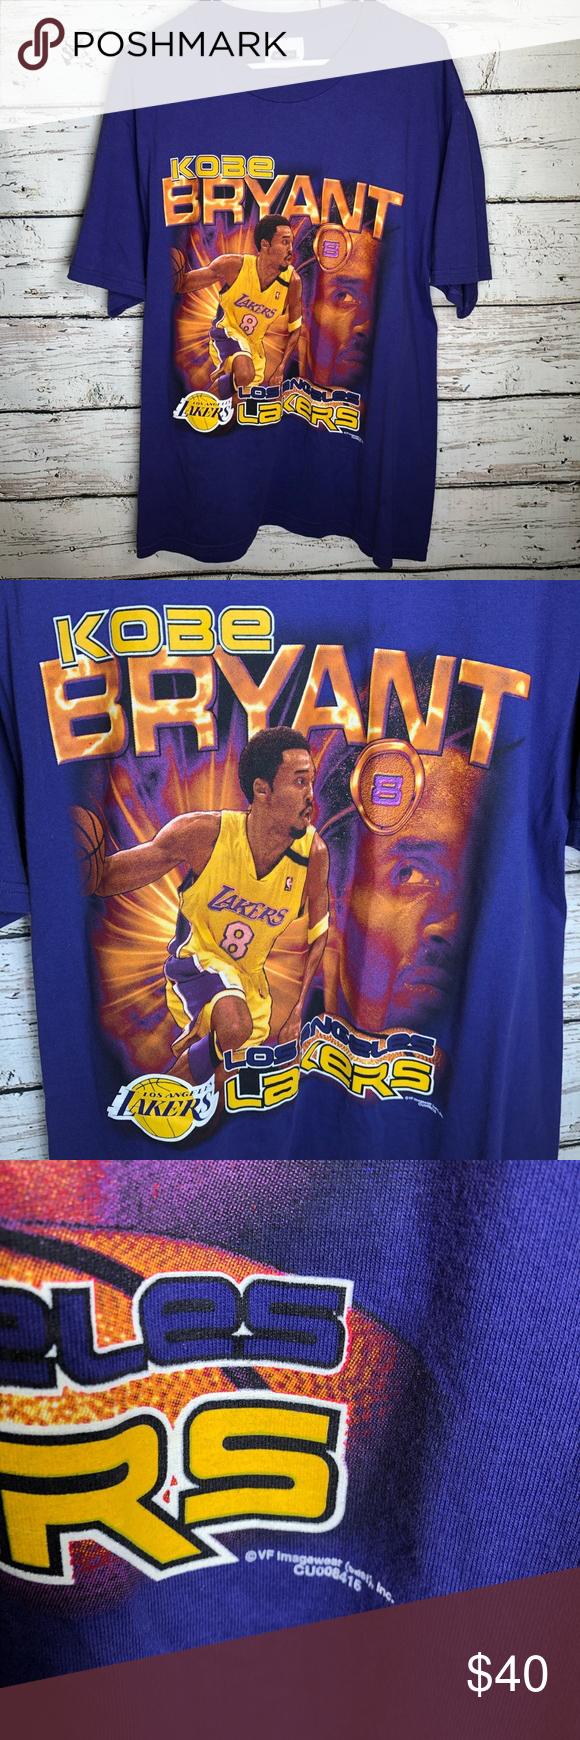 Vintage 2000 Los Angeles Lakers Kobe Bryant Shirt Vintage 2000 Csa Los Angeles Lakers Kobe Bryant 8 Graphic M In 2020 Kobe Bryant Kobe Bryant Shirt Lakers Kobe Bryant